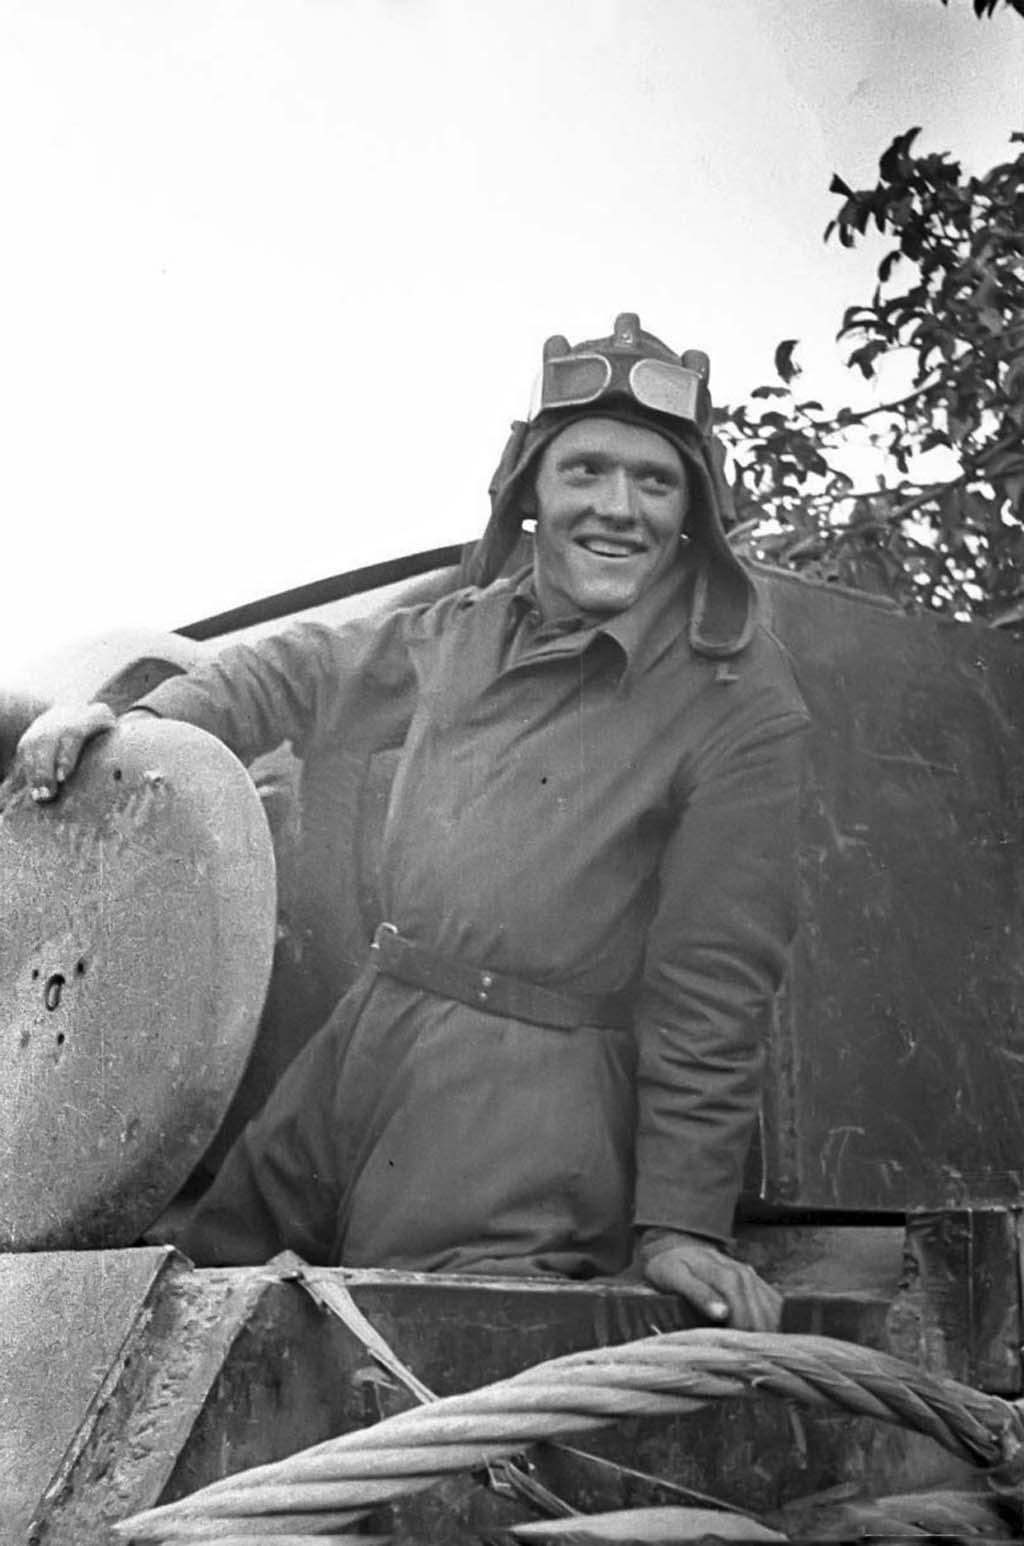 Soviet tankman